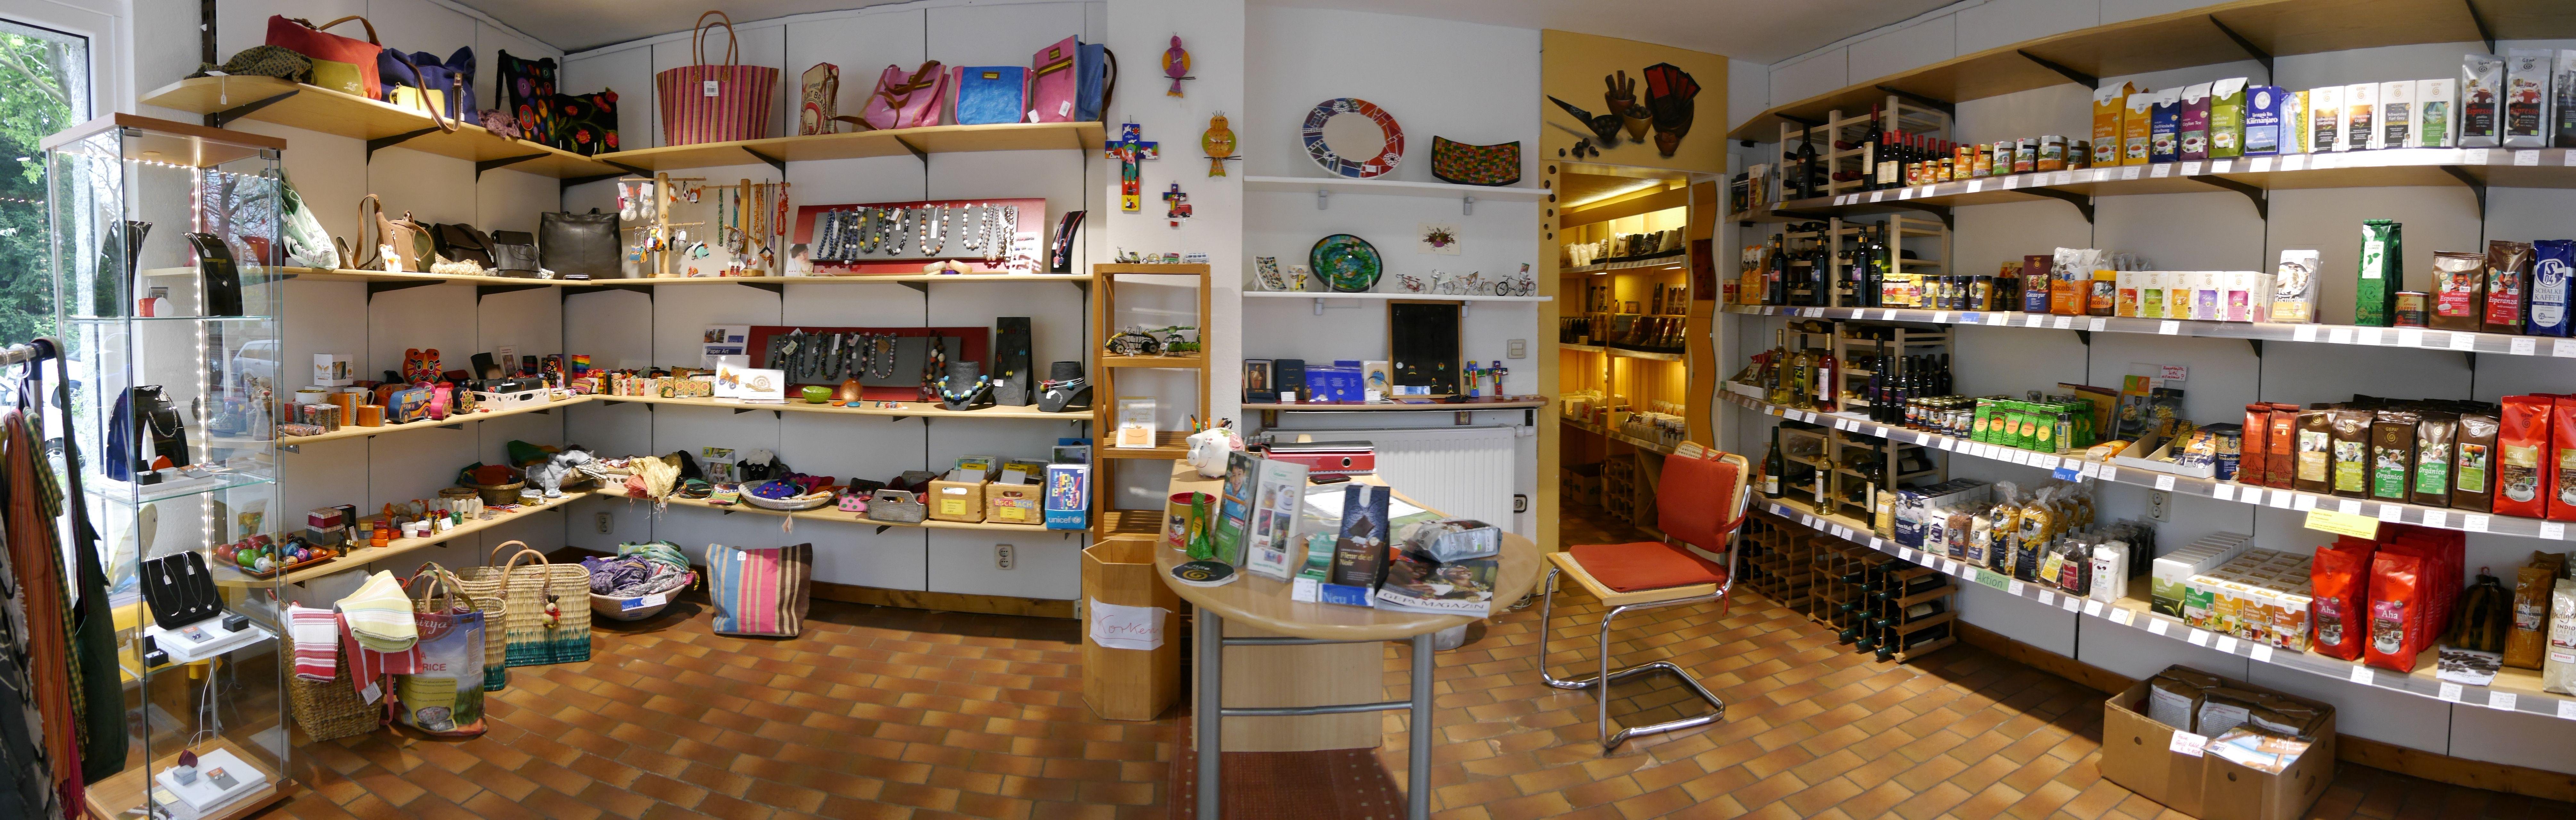 Regale mit verschiedenen Waren zum Verkauf